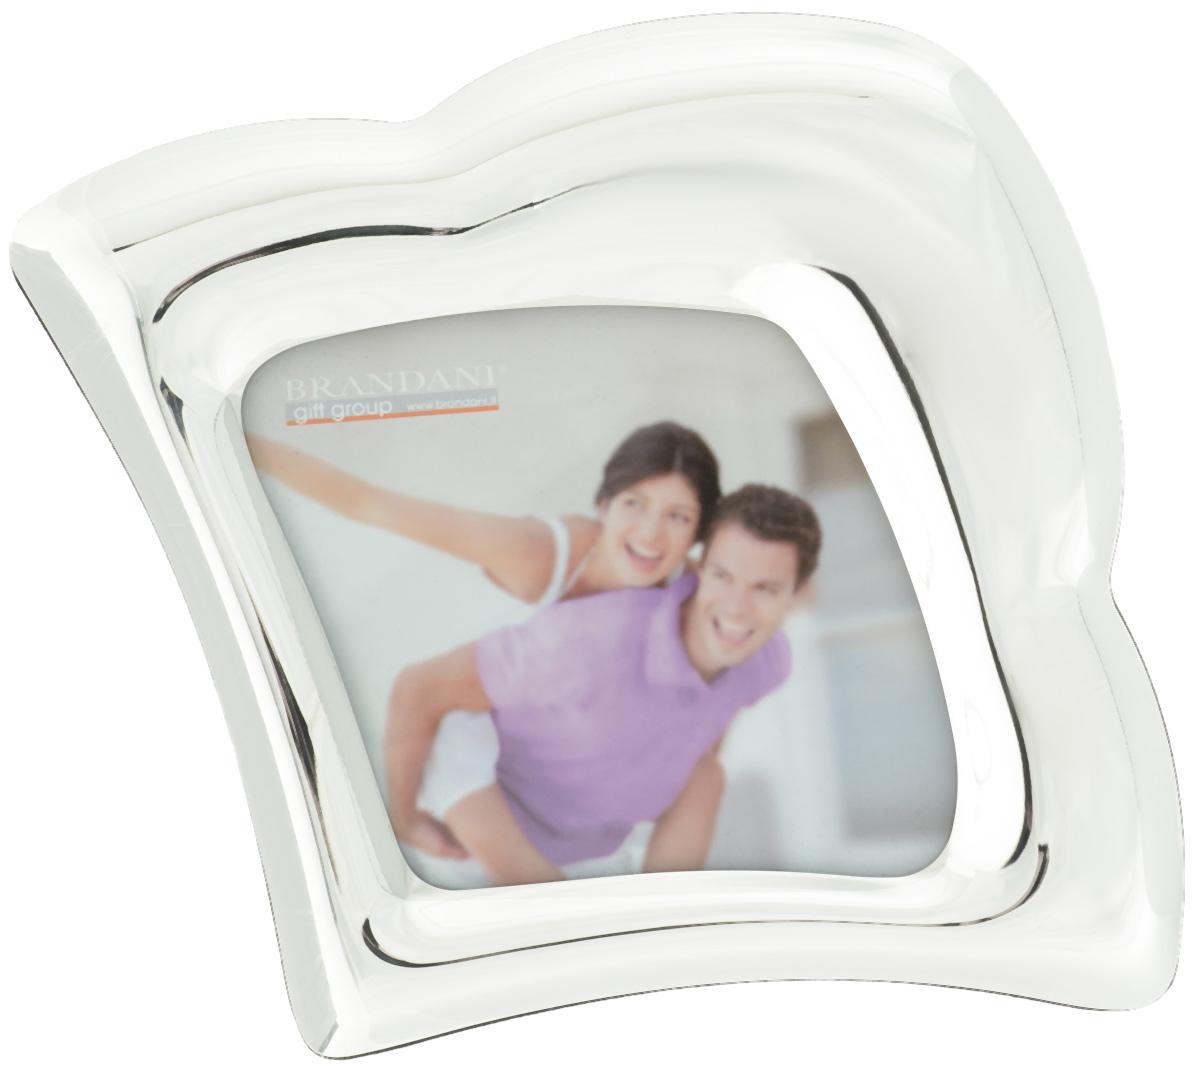 Фоторамка Brandani Облако, цвет: серебристый, 10 х 10 см56207Фоторамка Brandani Облако, выполненная из пластика, имеет оригинальный дизайн. Оборотная сторона рамки оснащена специальной ножкой, благодаря которой ее можно поставить на стол или любое другое место в доме или офисе. Также изделие оснащено креплениями для подвешивания на стену. Такая фоторамка поможет вам оригинально и стильно дополнить интерьер помещения, а также позволит сохранить память о дорогих вам людях и интересных событиях вашей жизни.Размер фоторамки: 23 х 19,5 см.Подходит для фотографий размером: 10 х 10 см.